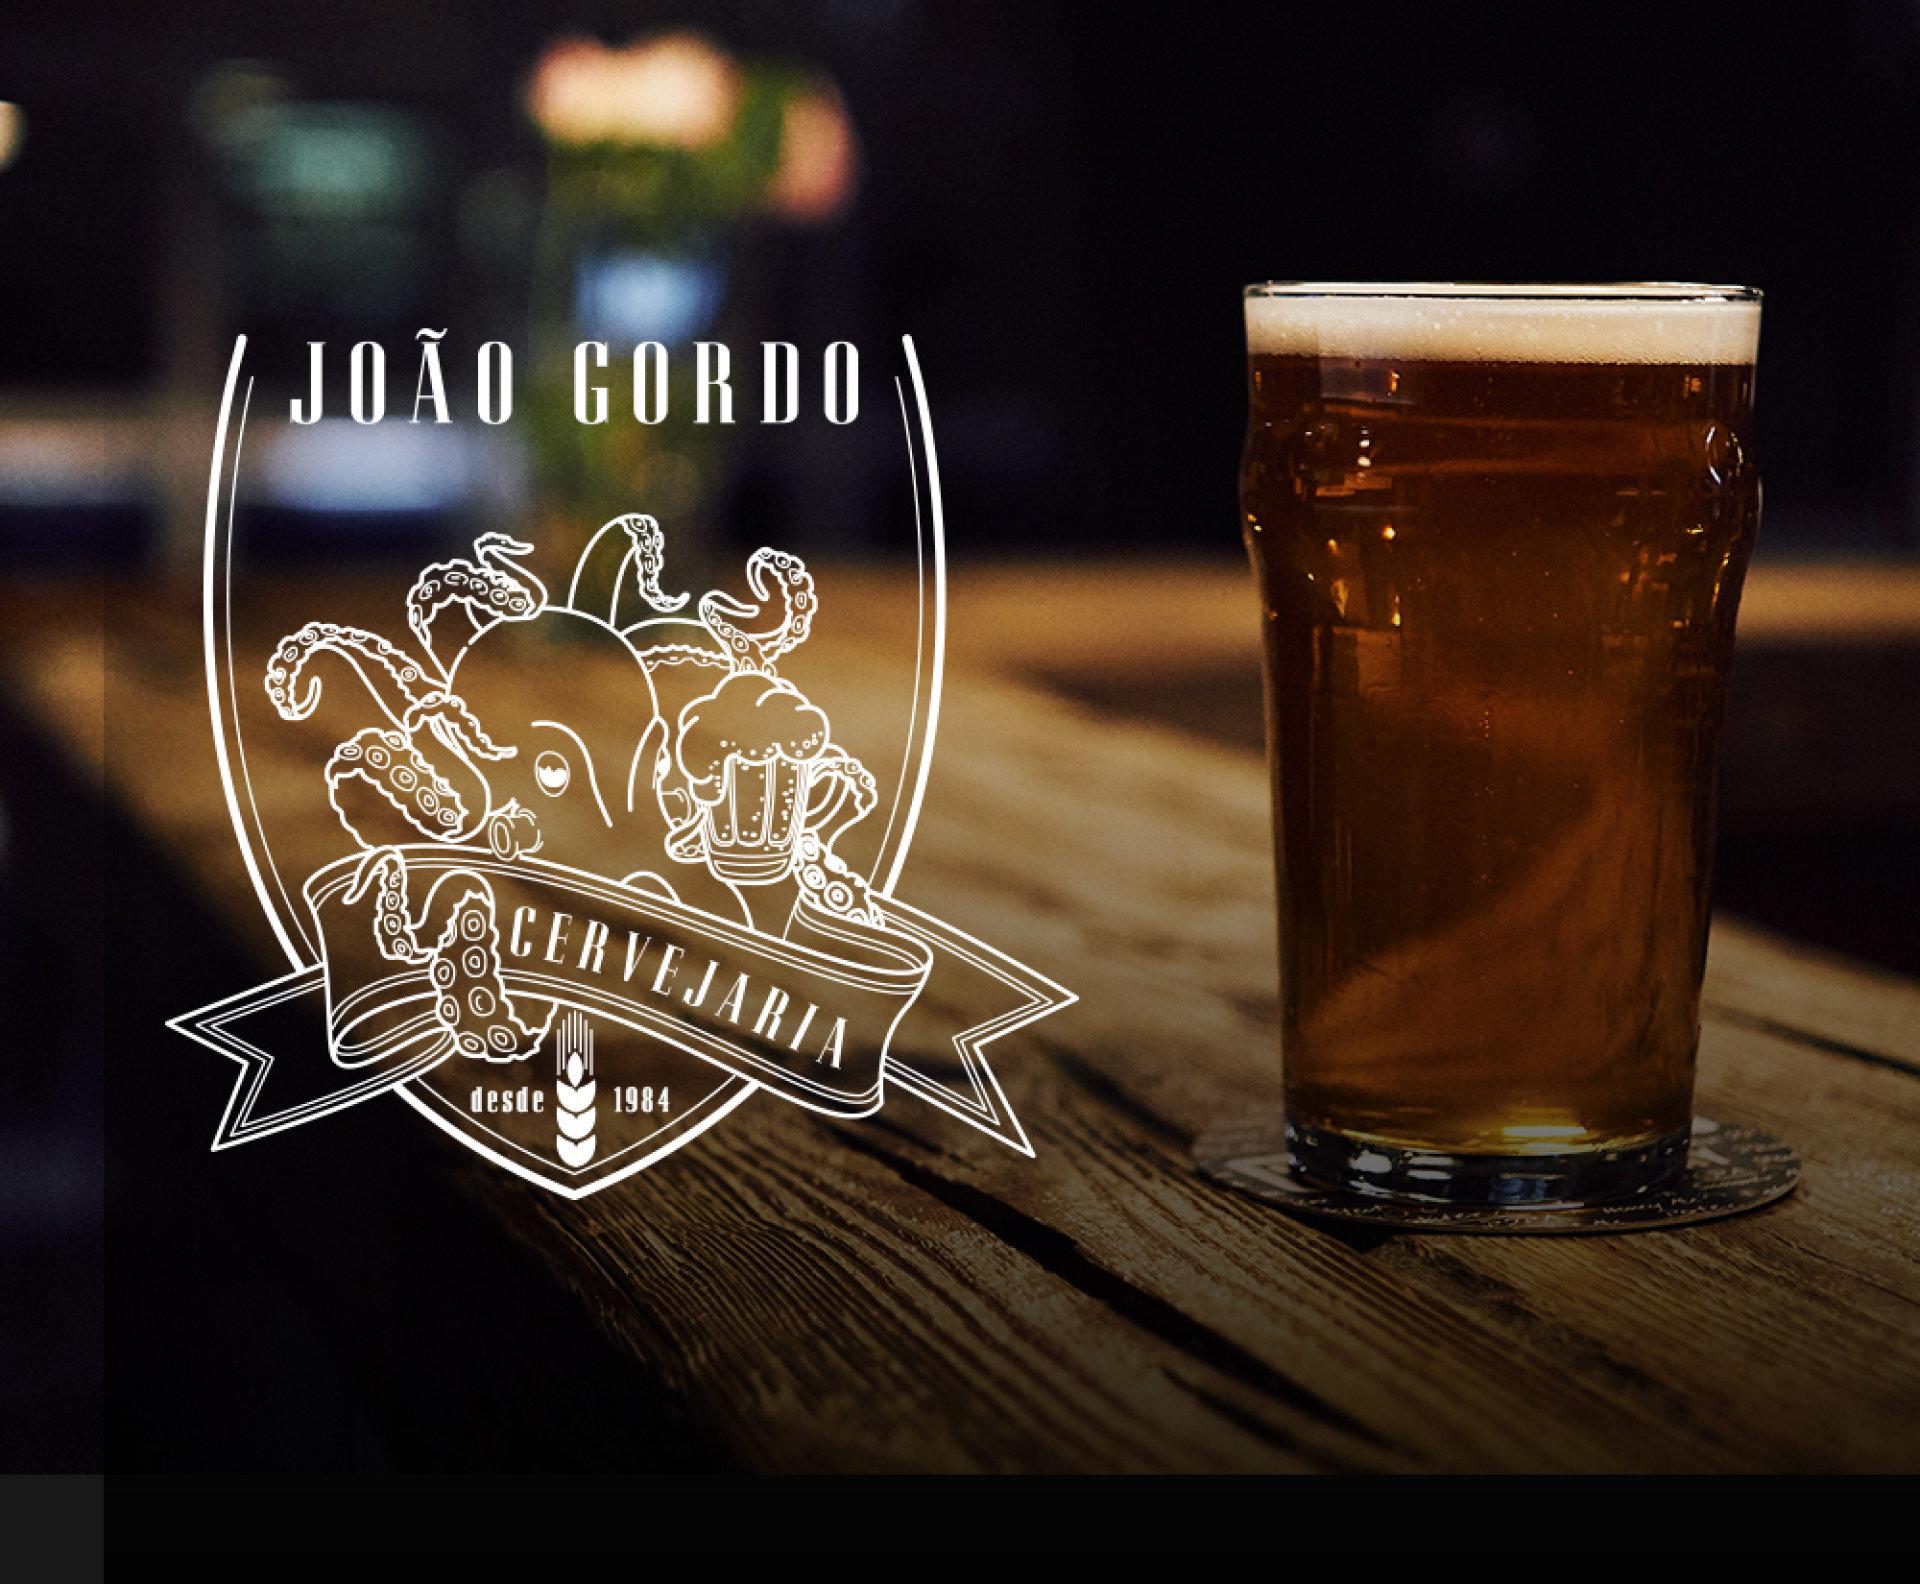 Cervejaria João Gordo